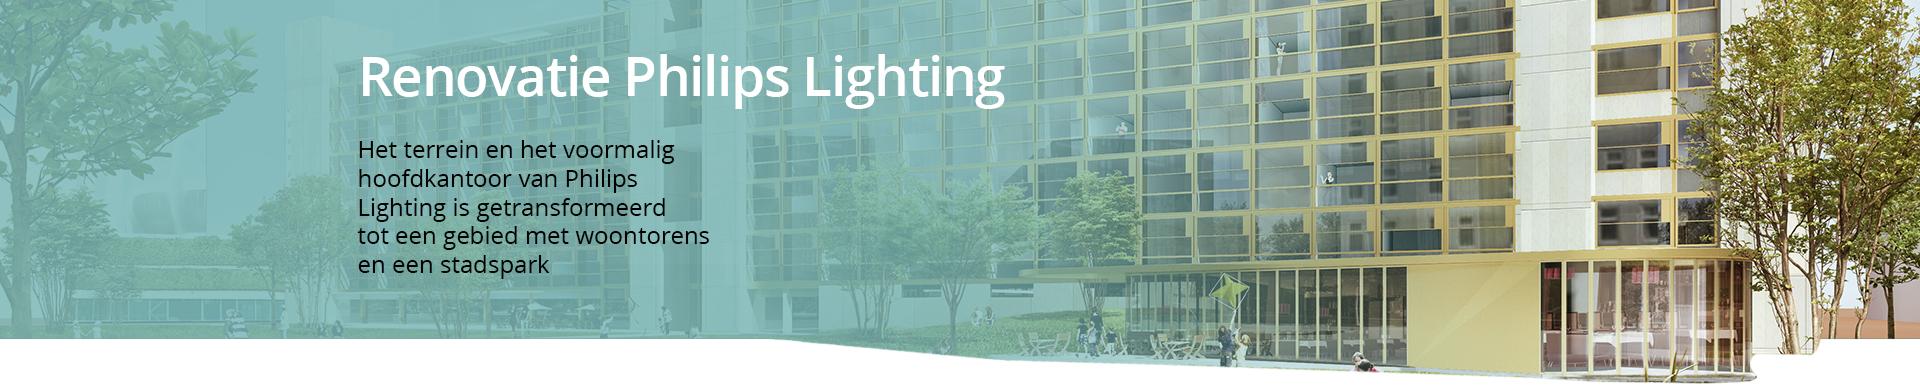 Renovatie Philips Lighting referentie project Econox